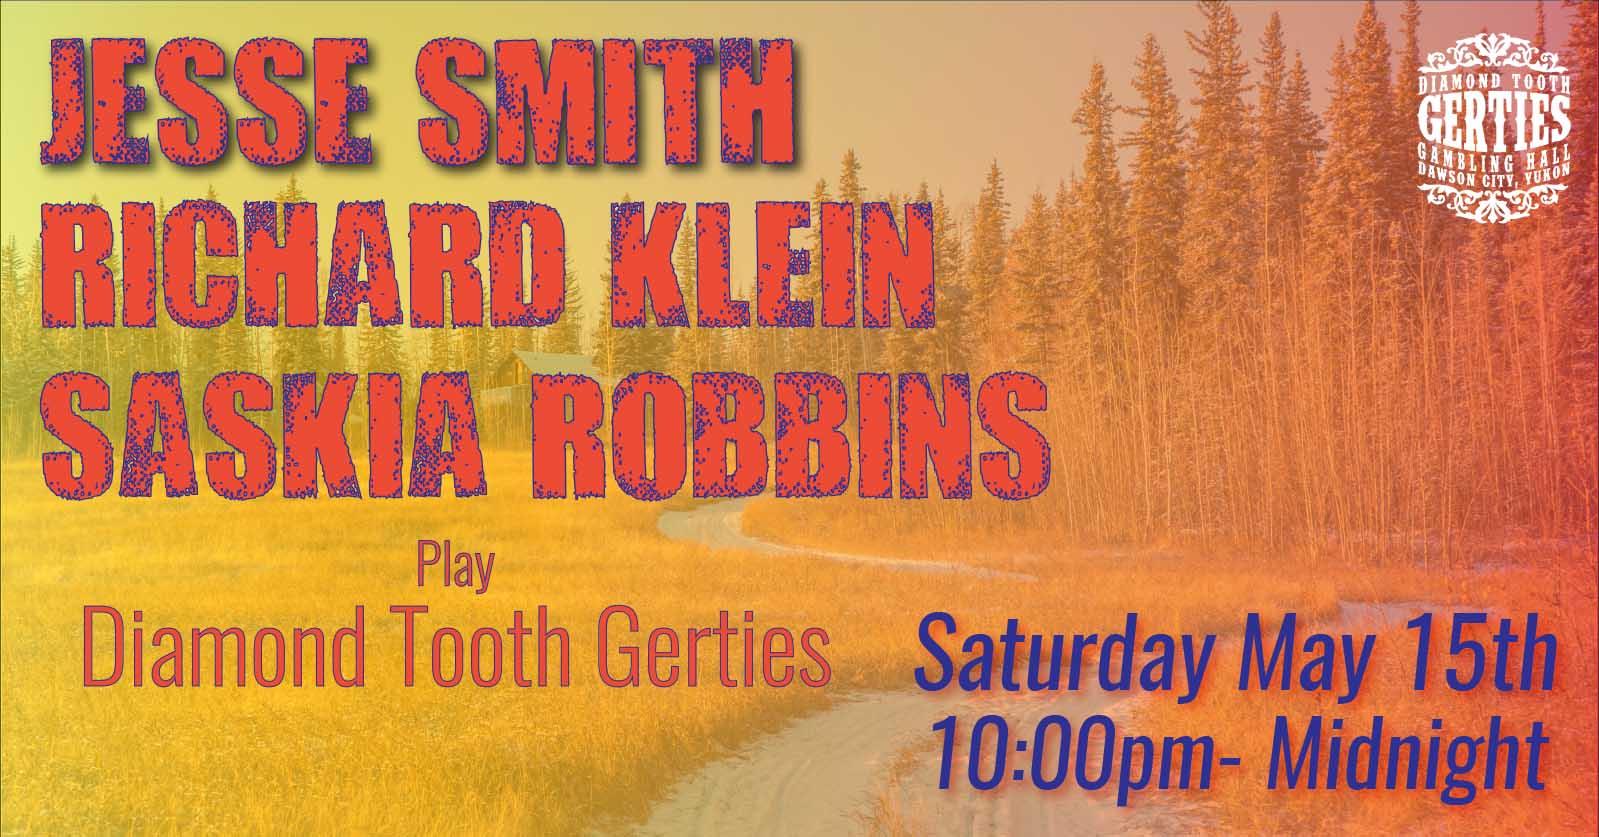 Jesse Smith Richard Klein Saskia Robbins Live Music Diamond Tooth Gerties